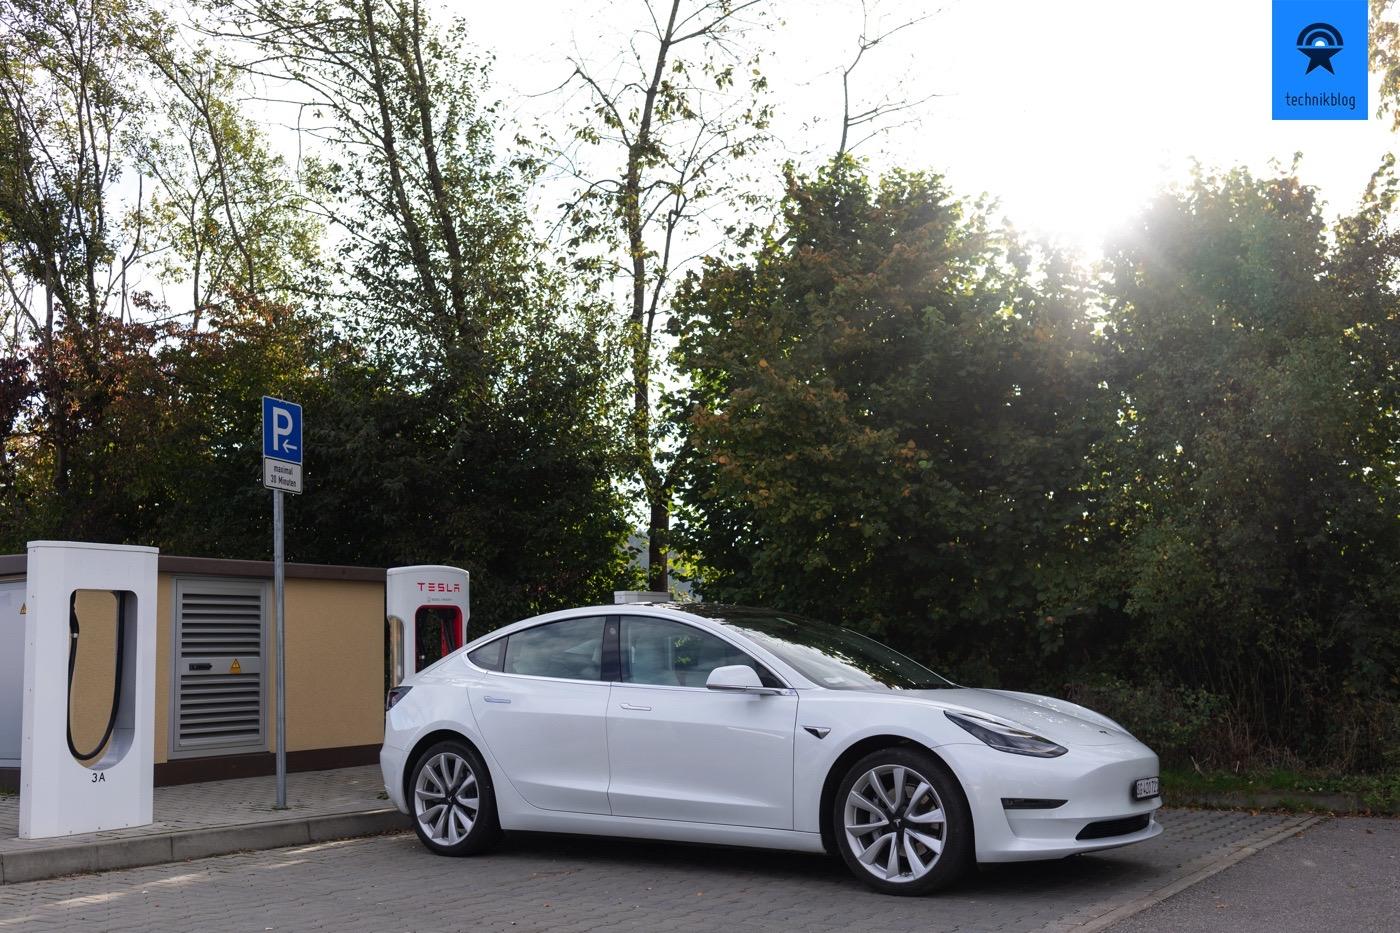 Tesla Model 3 am Supercharger in Aichstetten